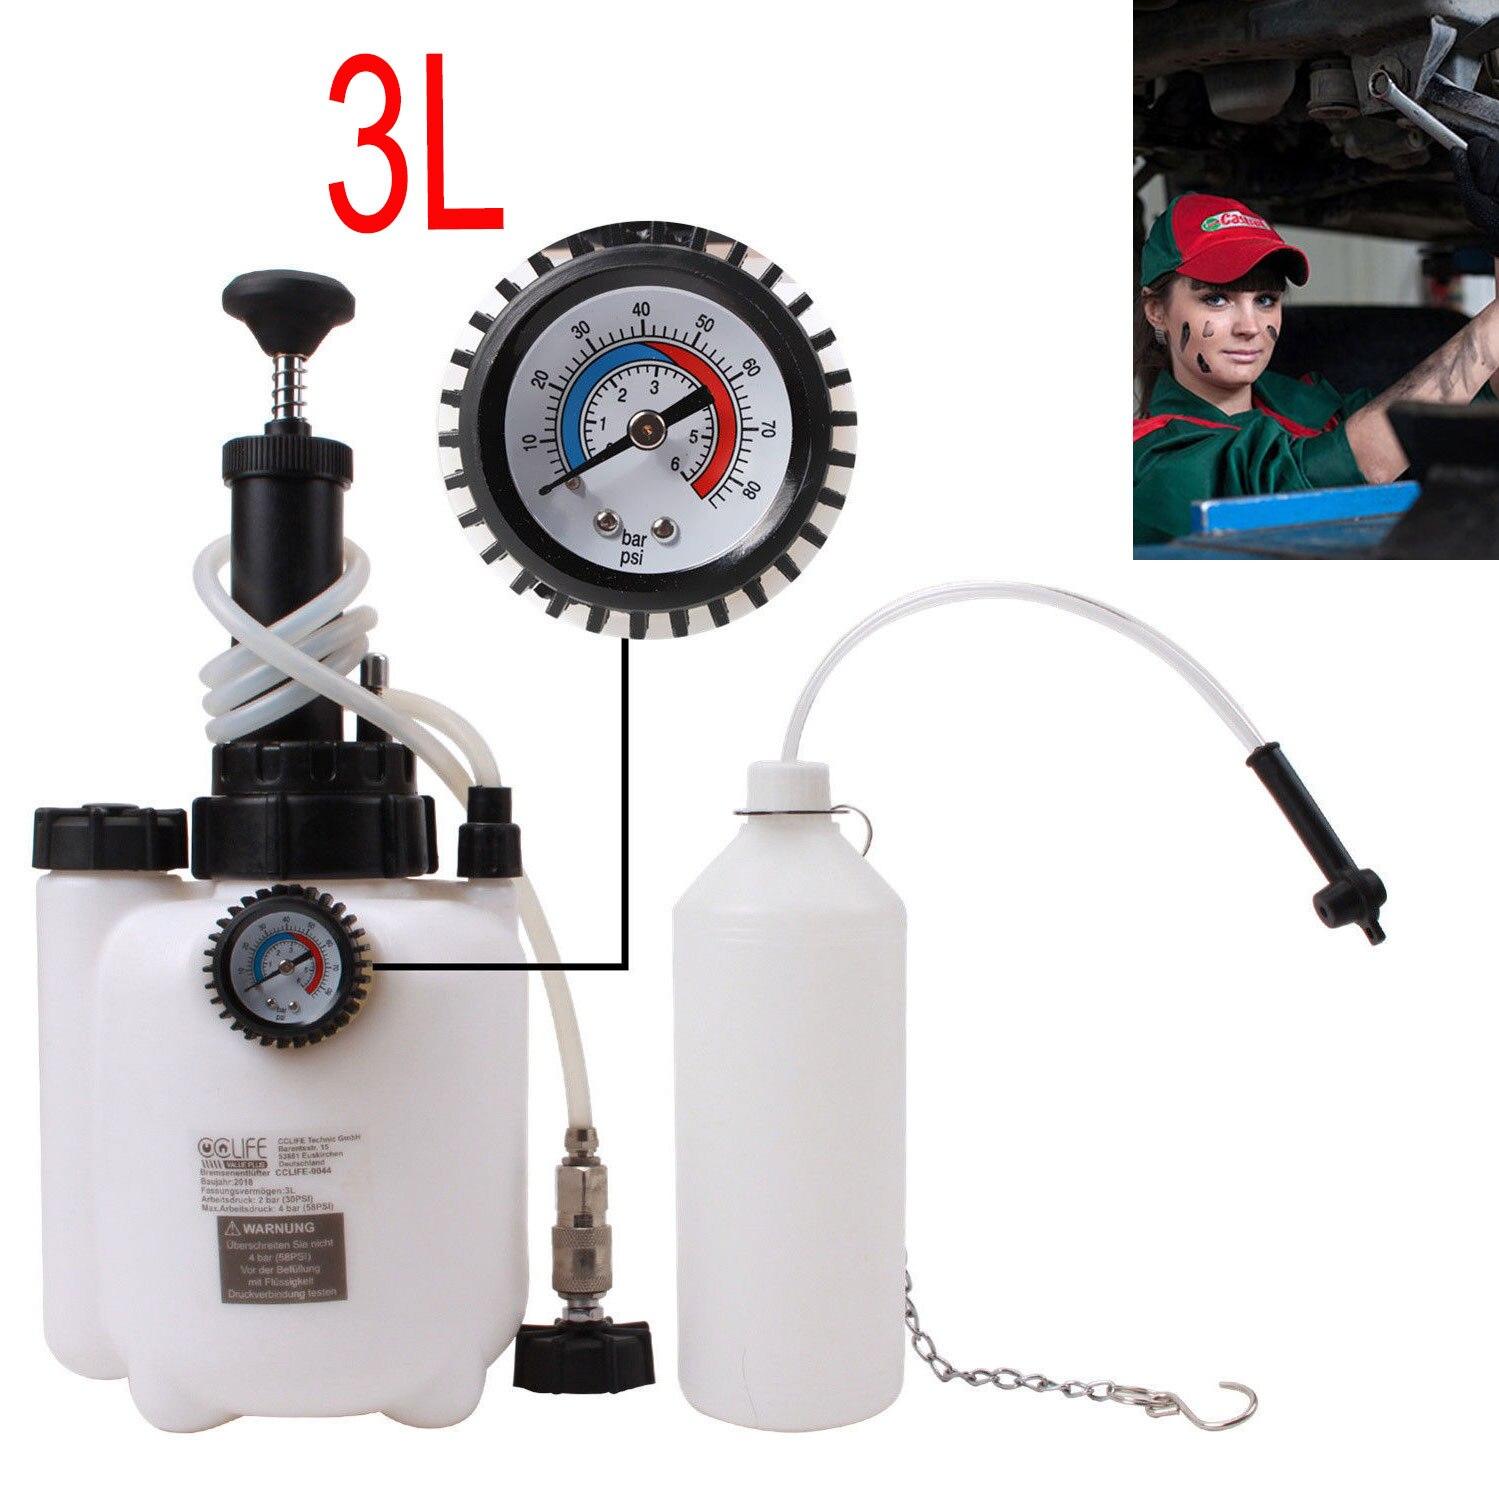 3л автомобильный тормозной Bleeder 40 58 PSI автомобильный тормозной жидкости Bleeder кровотечение комплект Автомобильный сменный инструмент масляный насос для двигателя обмен сливной комплект| |   | АлиЭкспресс